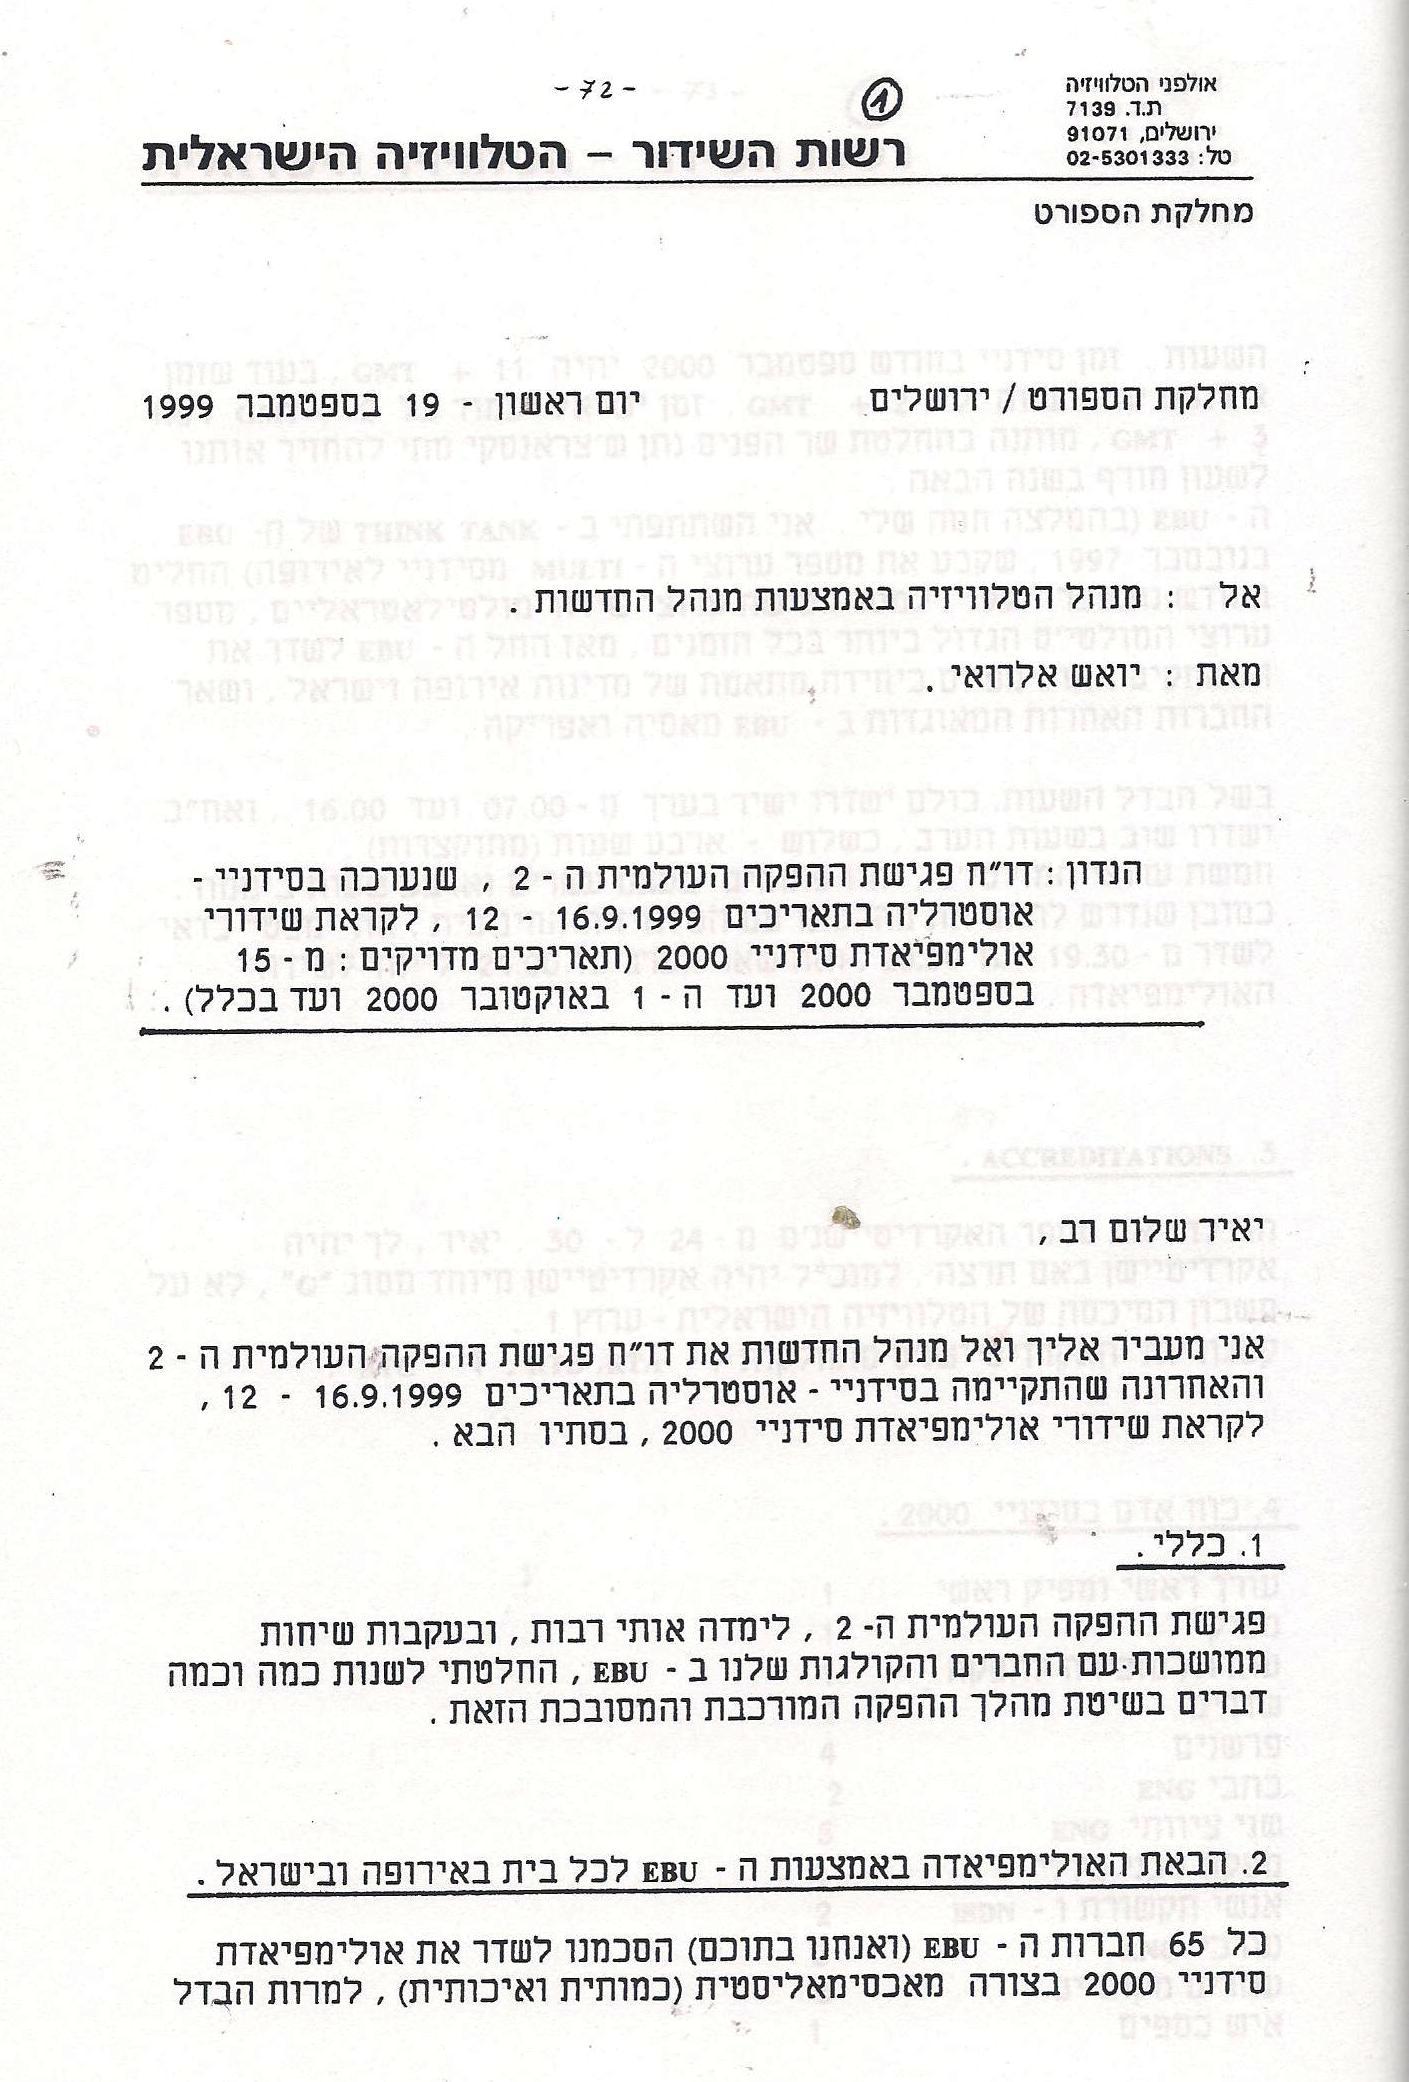 raport 17